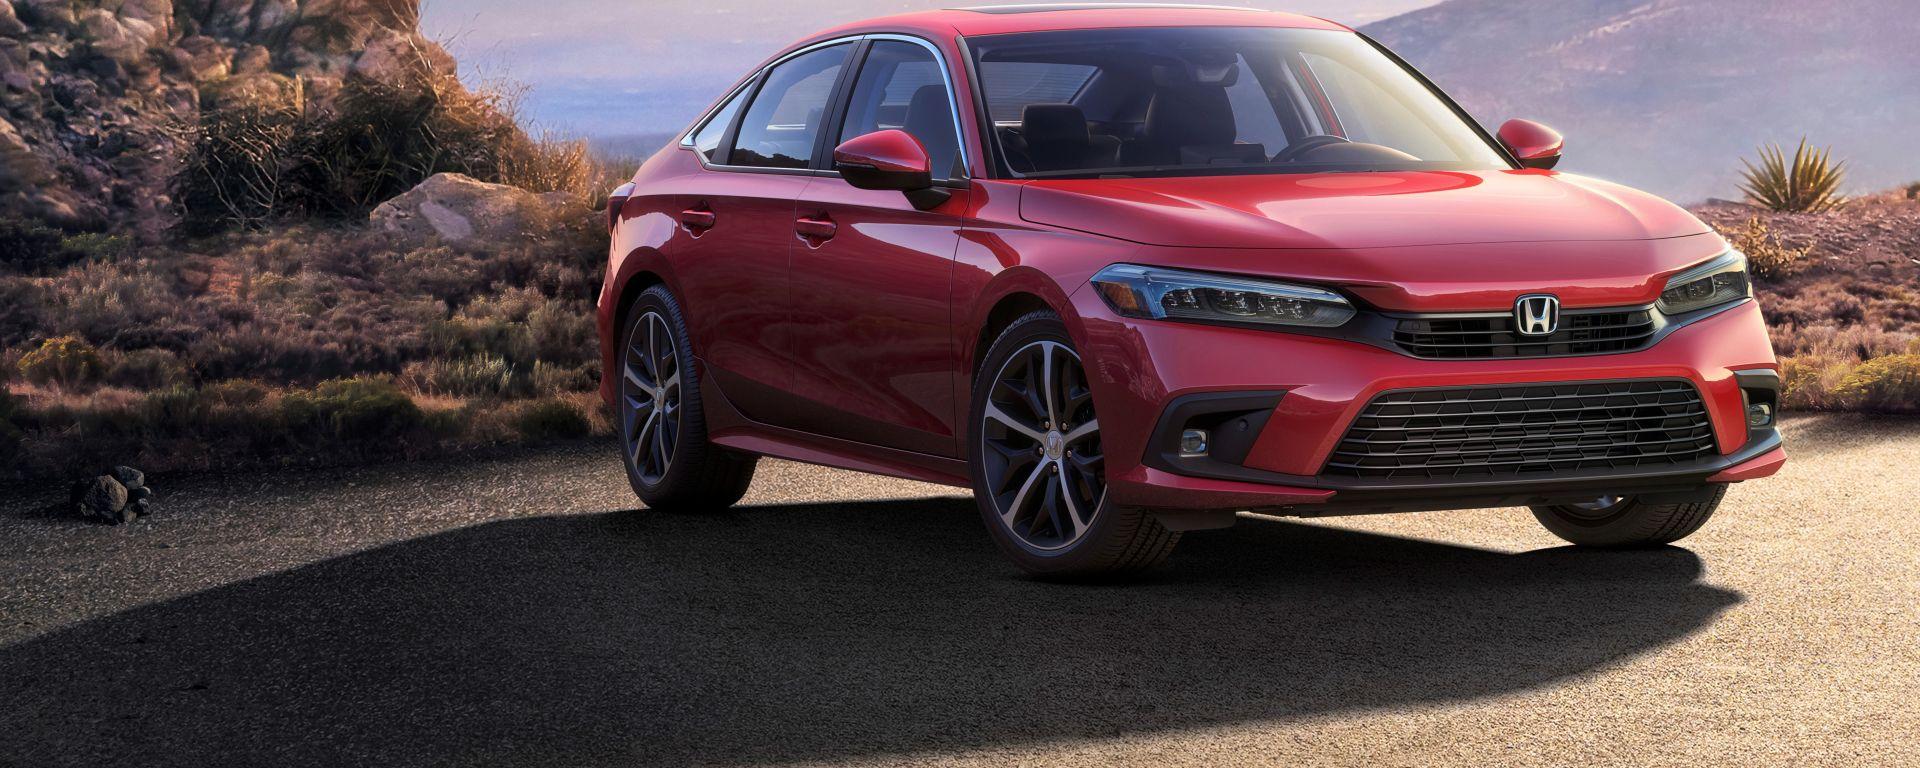 Nuova Honda Civic Sedan, prima foto ufficiale